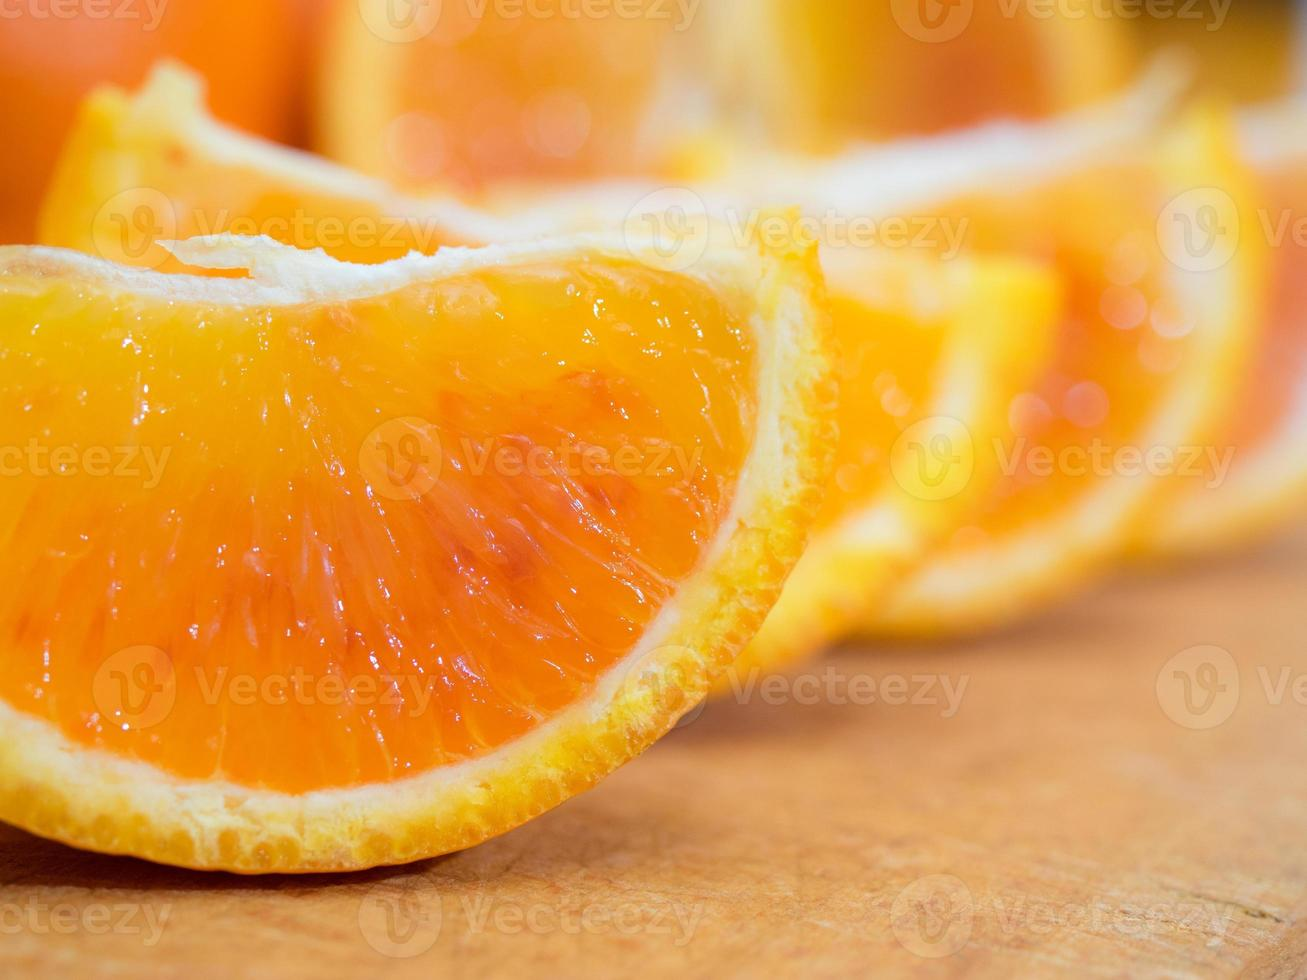 Orange slices photo